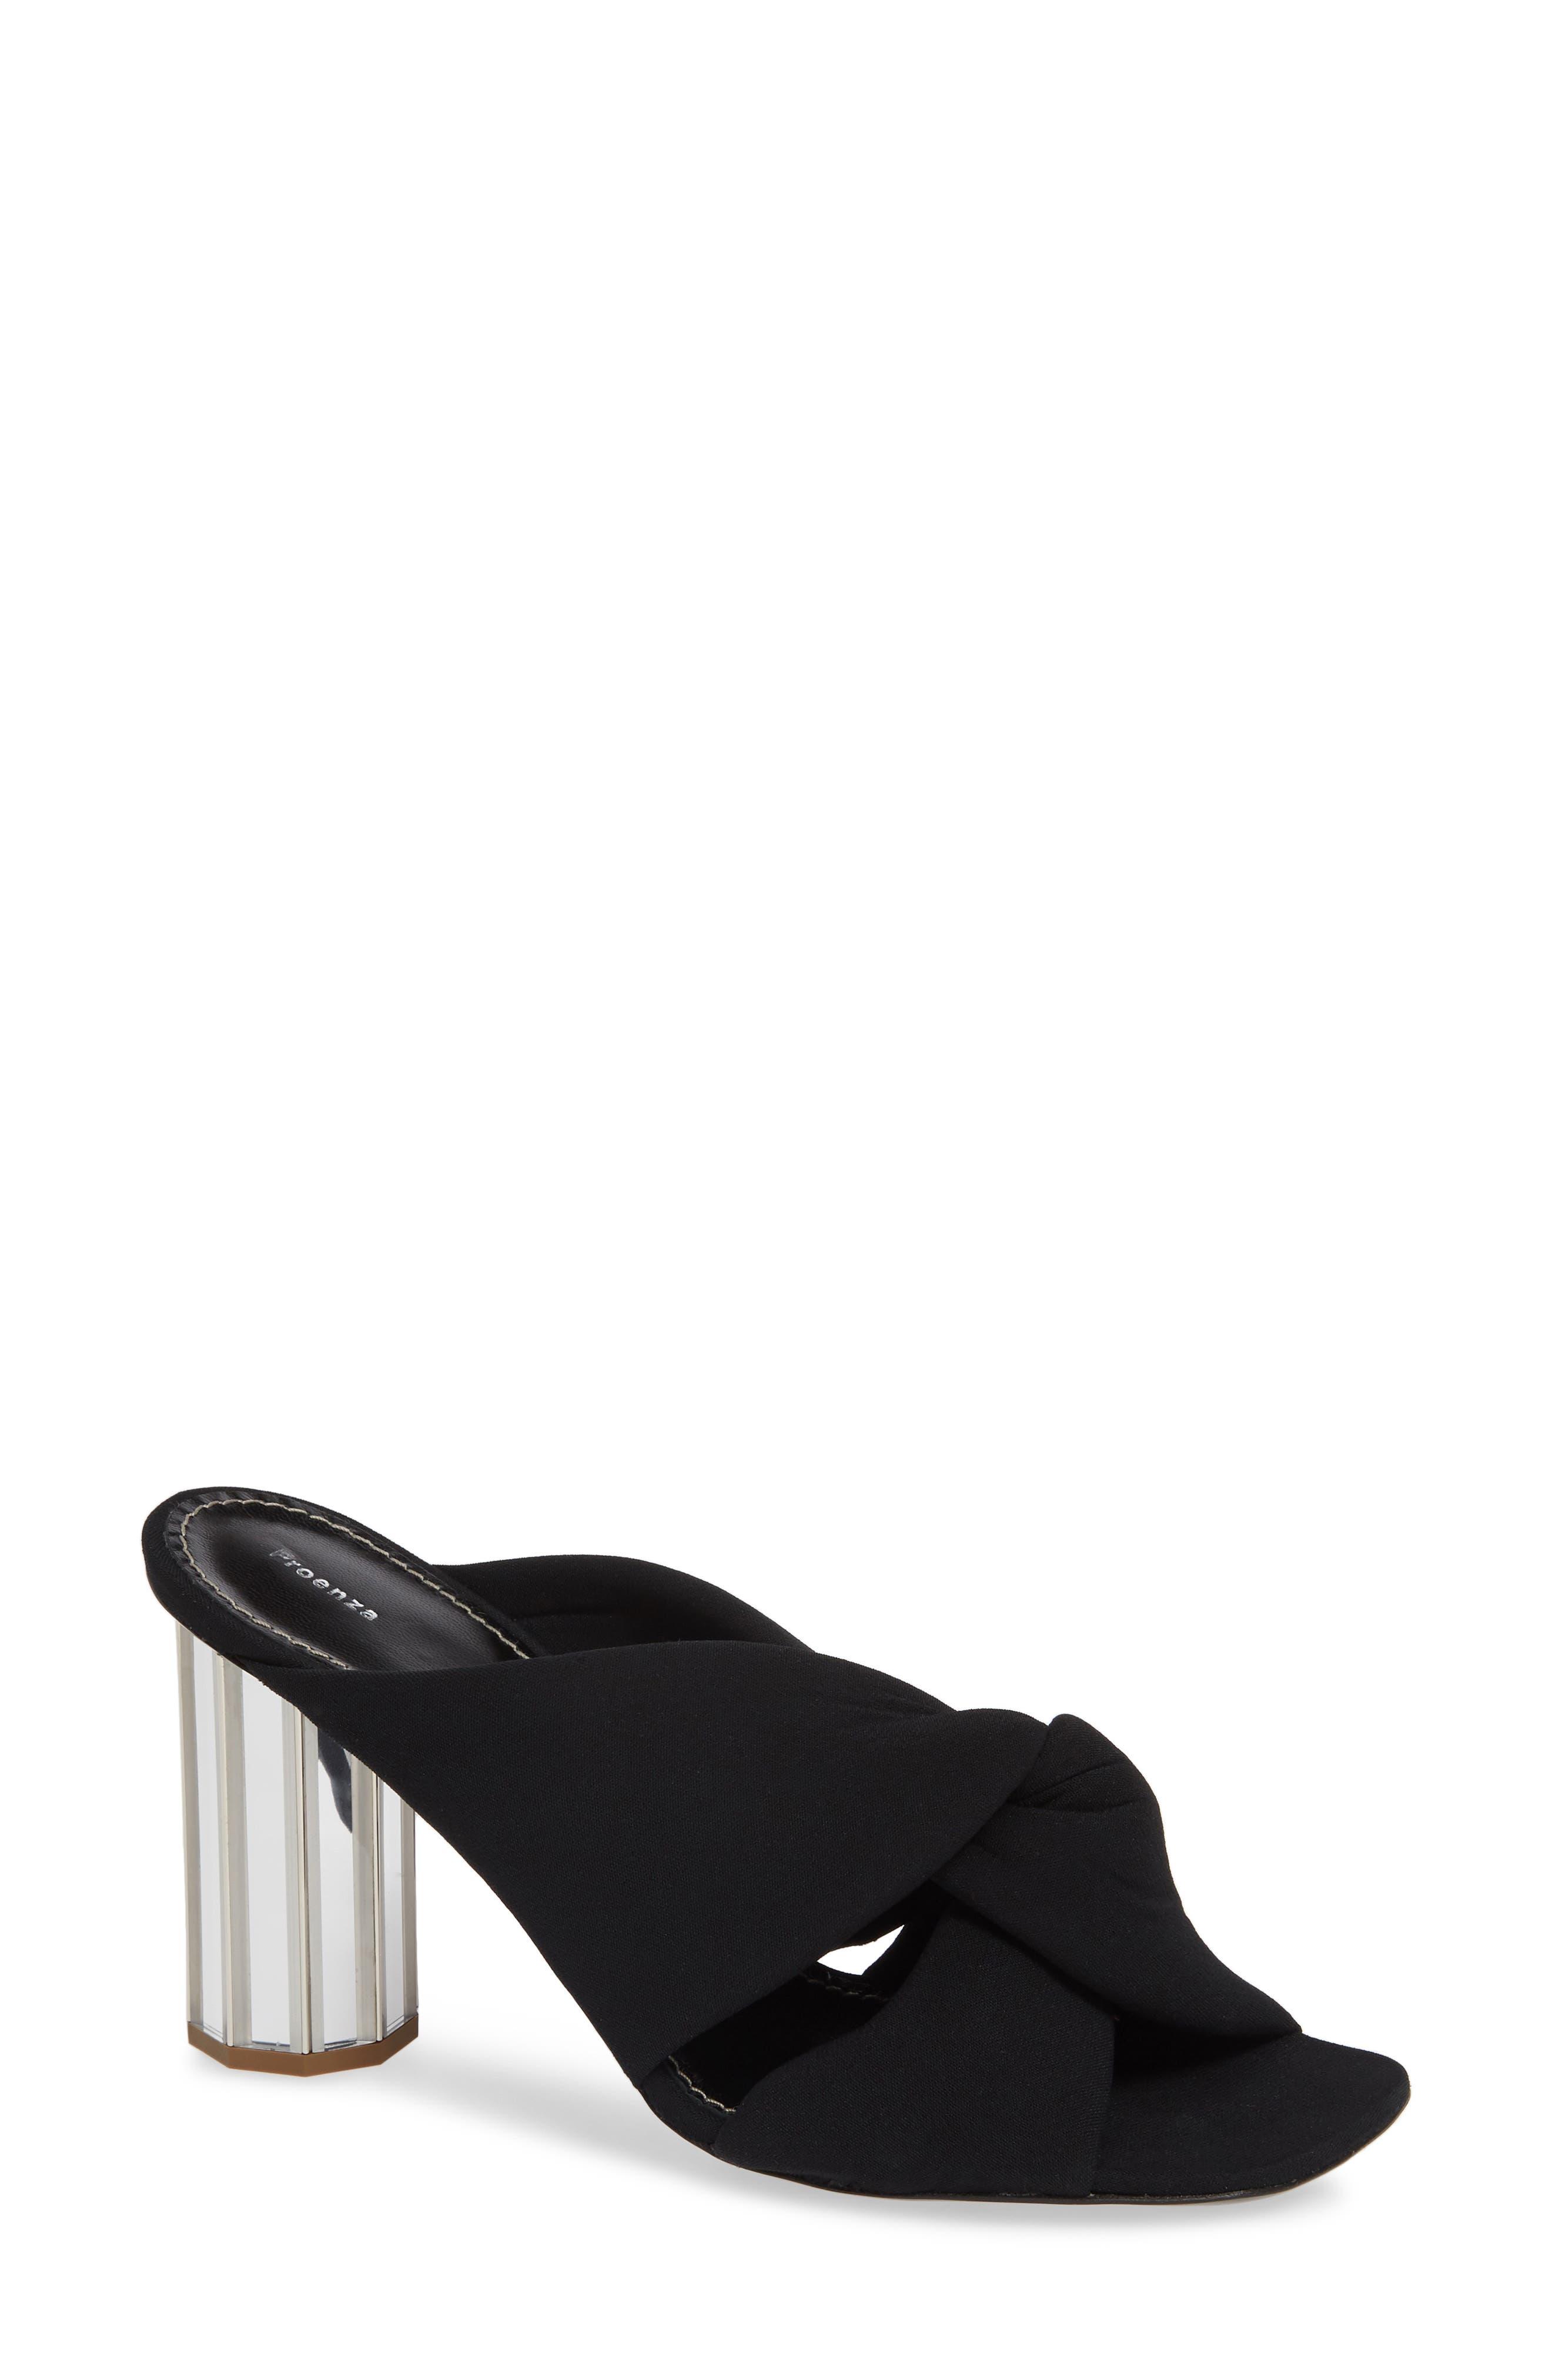 PROENZA SCHOULER Knotted Slide Sandal, Main, color, BLACK